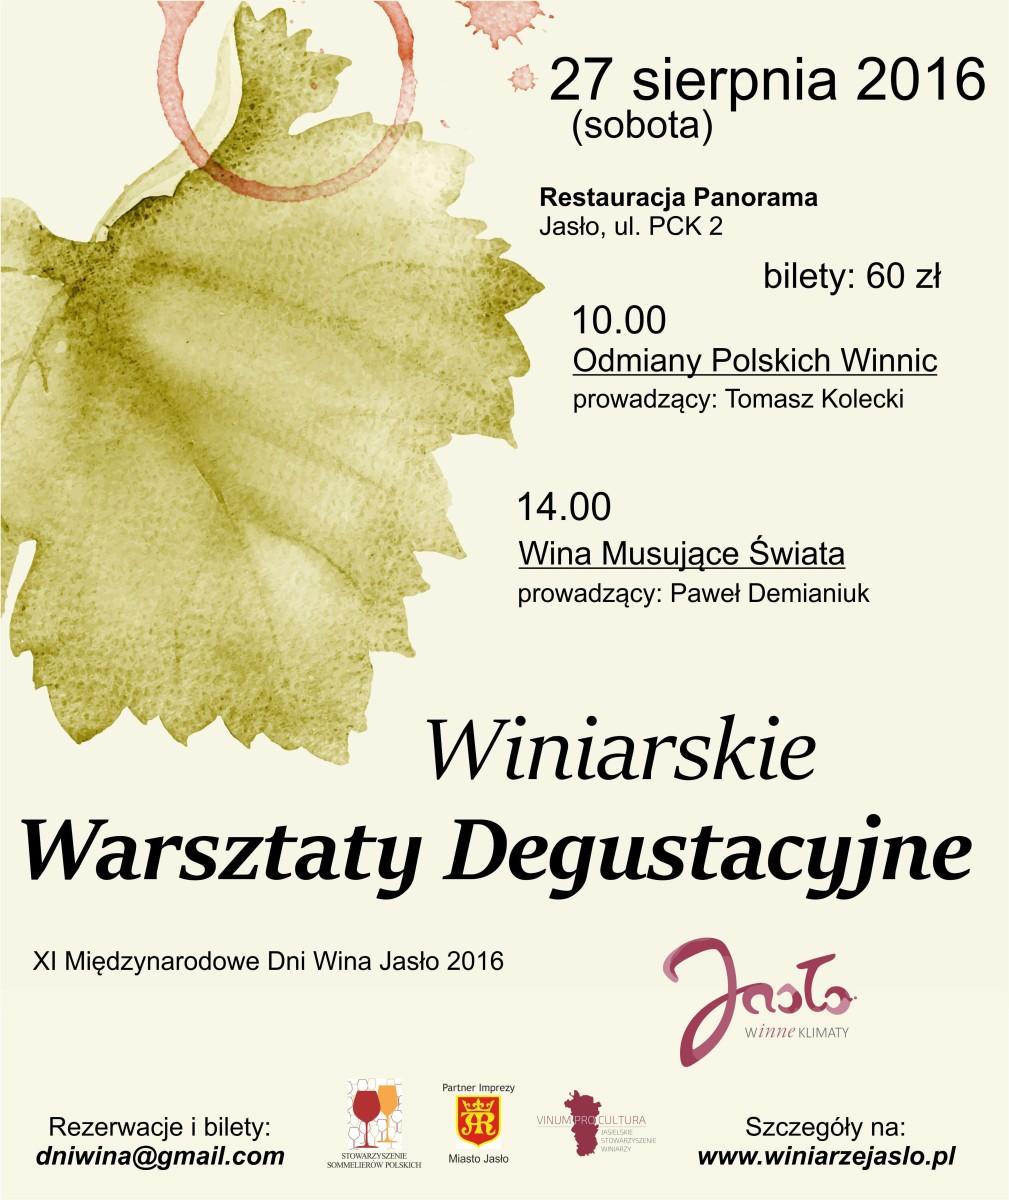 Winiarskie Warsztaty Degustacyjne